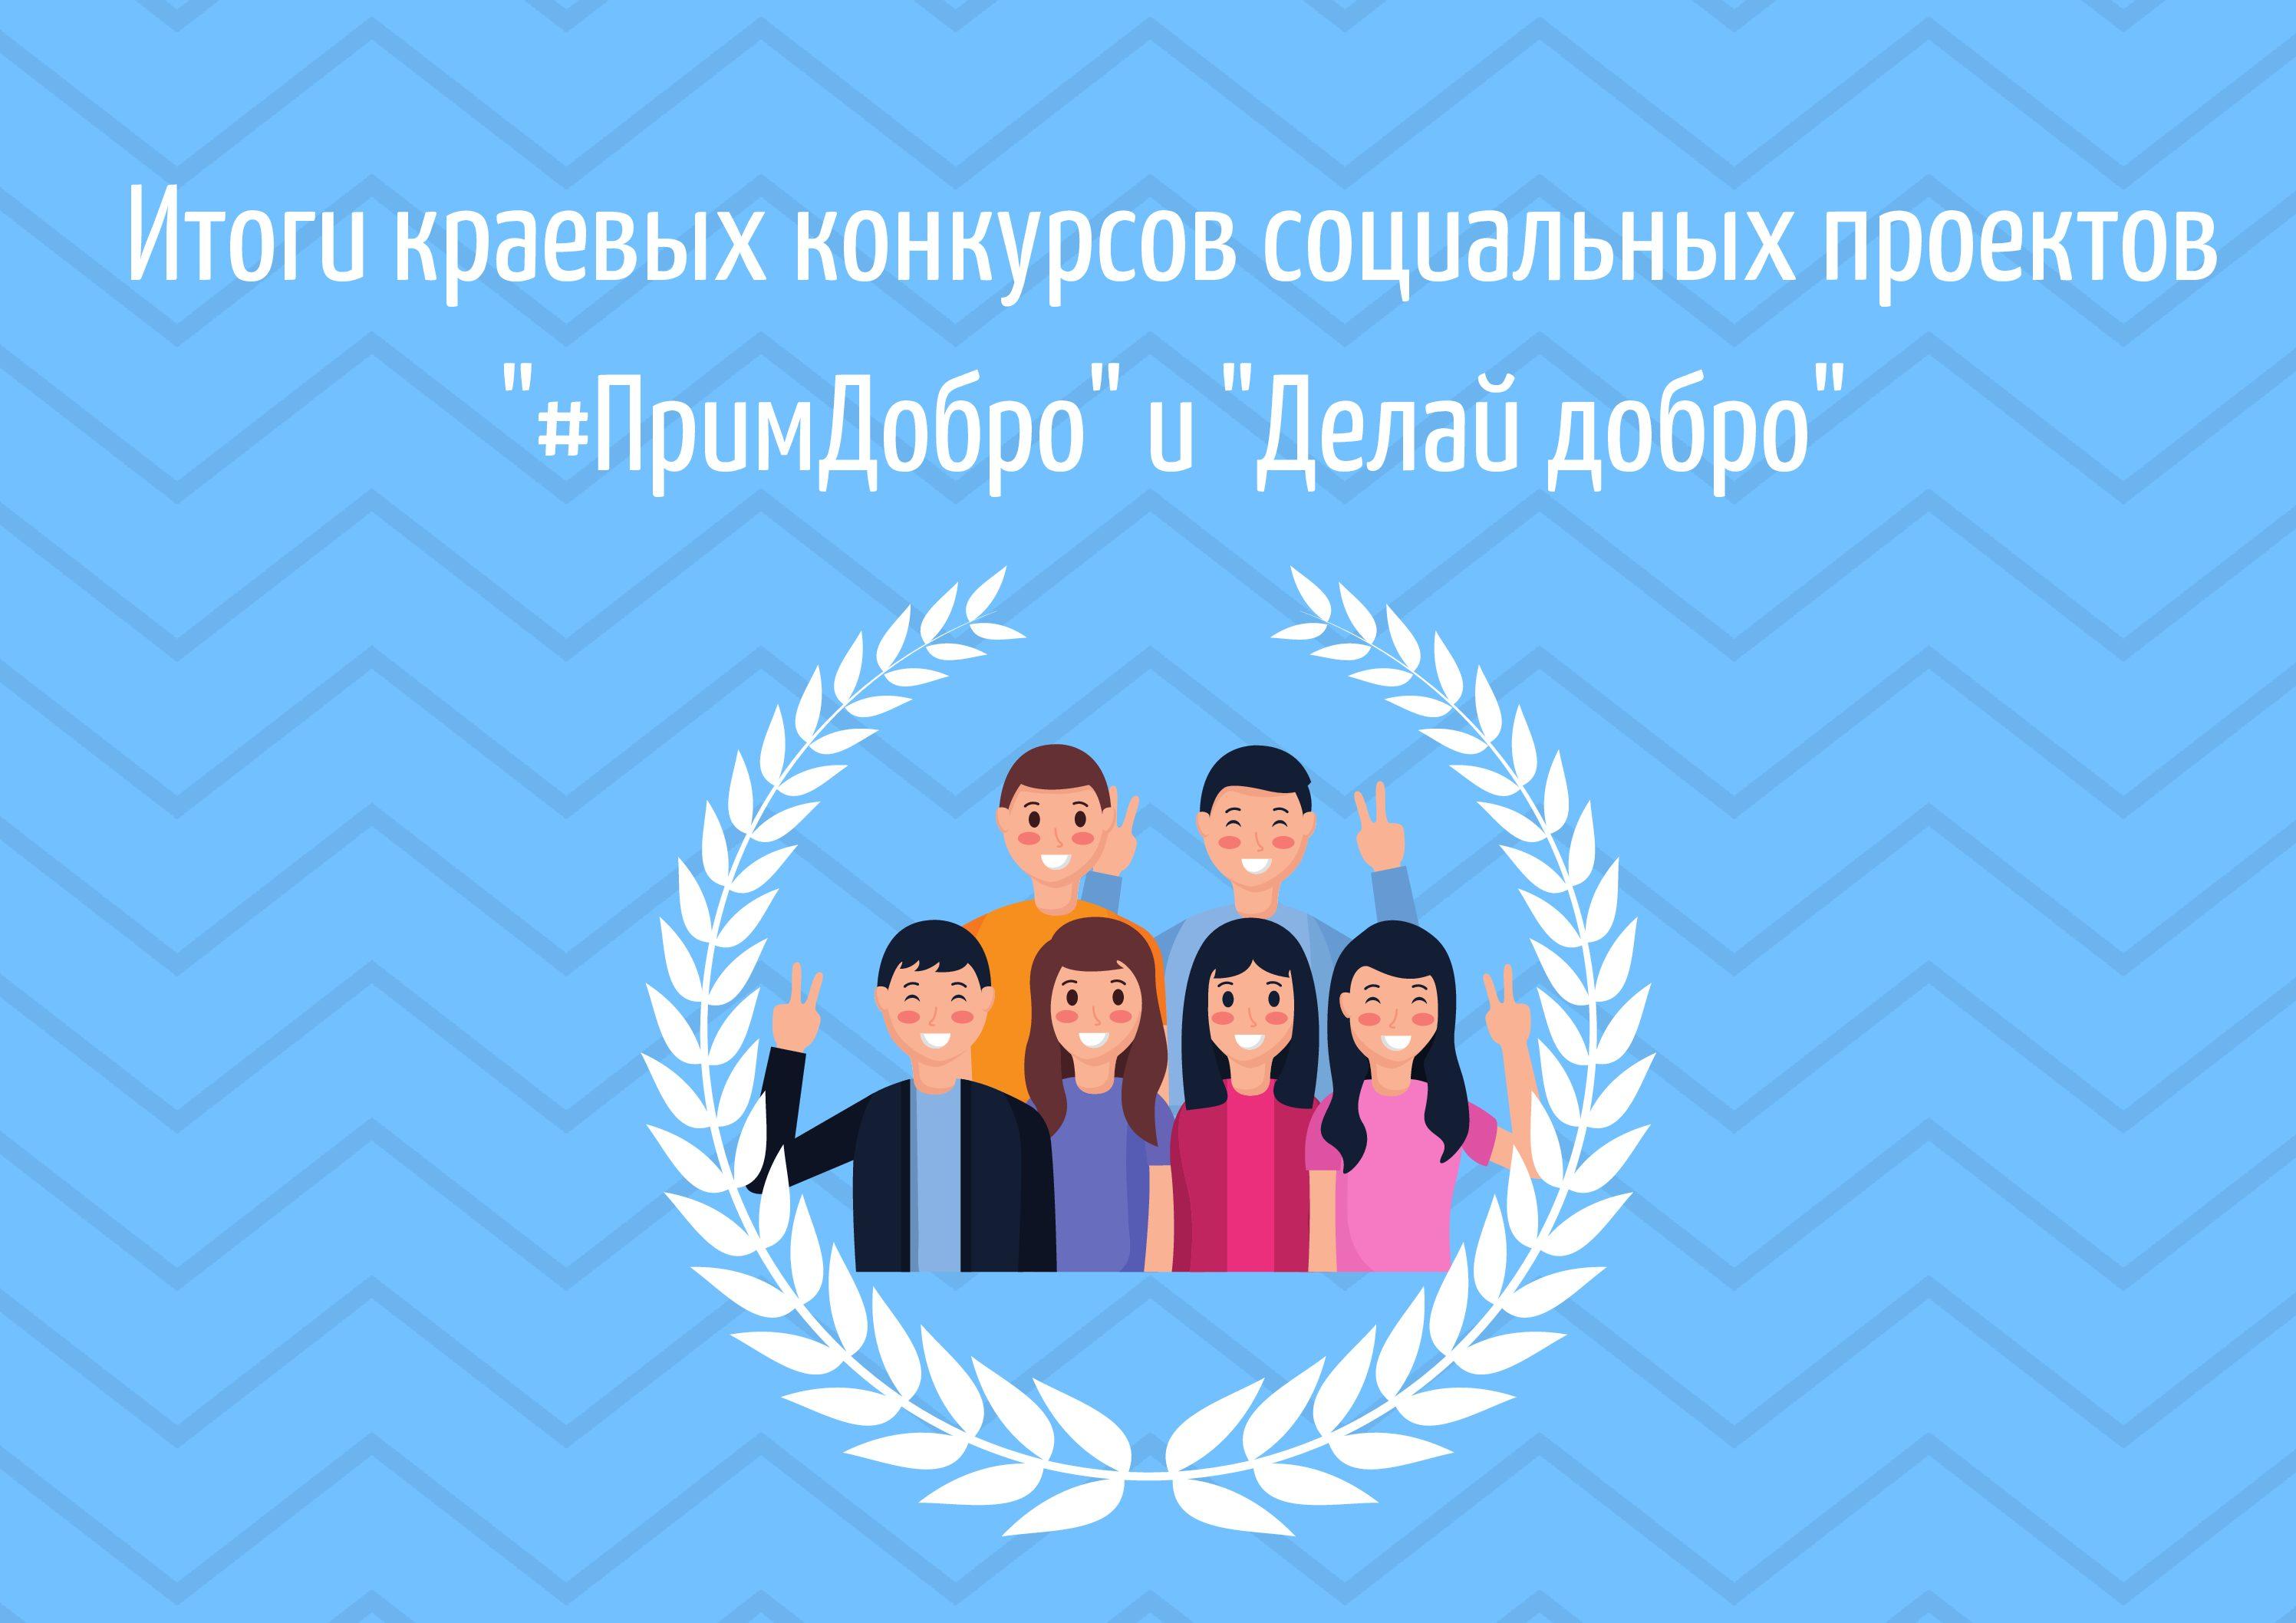 Итоги краевых конкурсов социальных проектов «#ПримДобро» и «Делай добро»